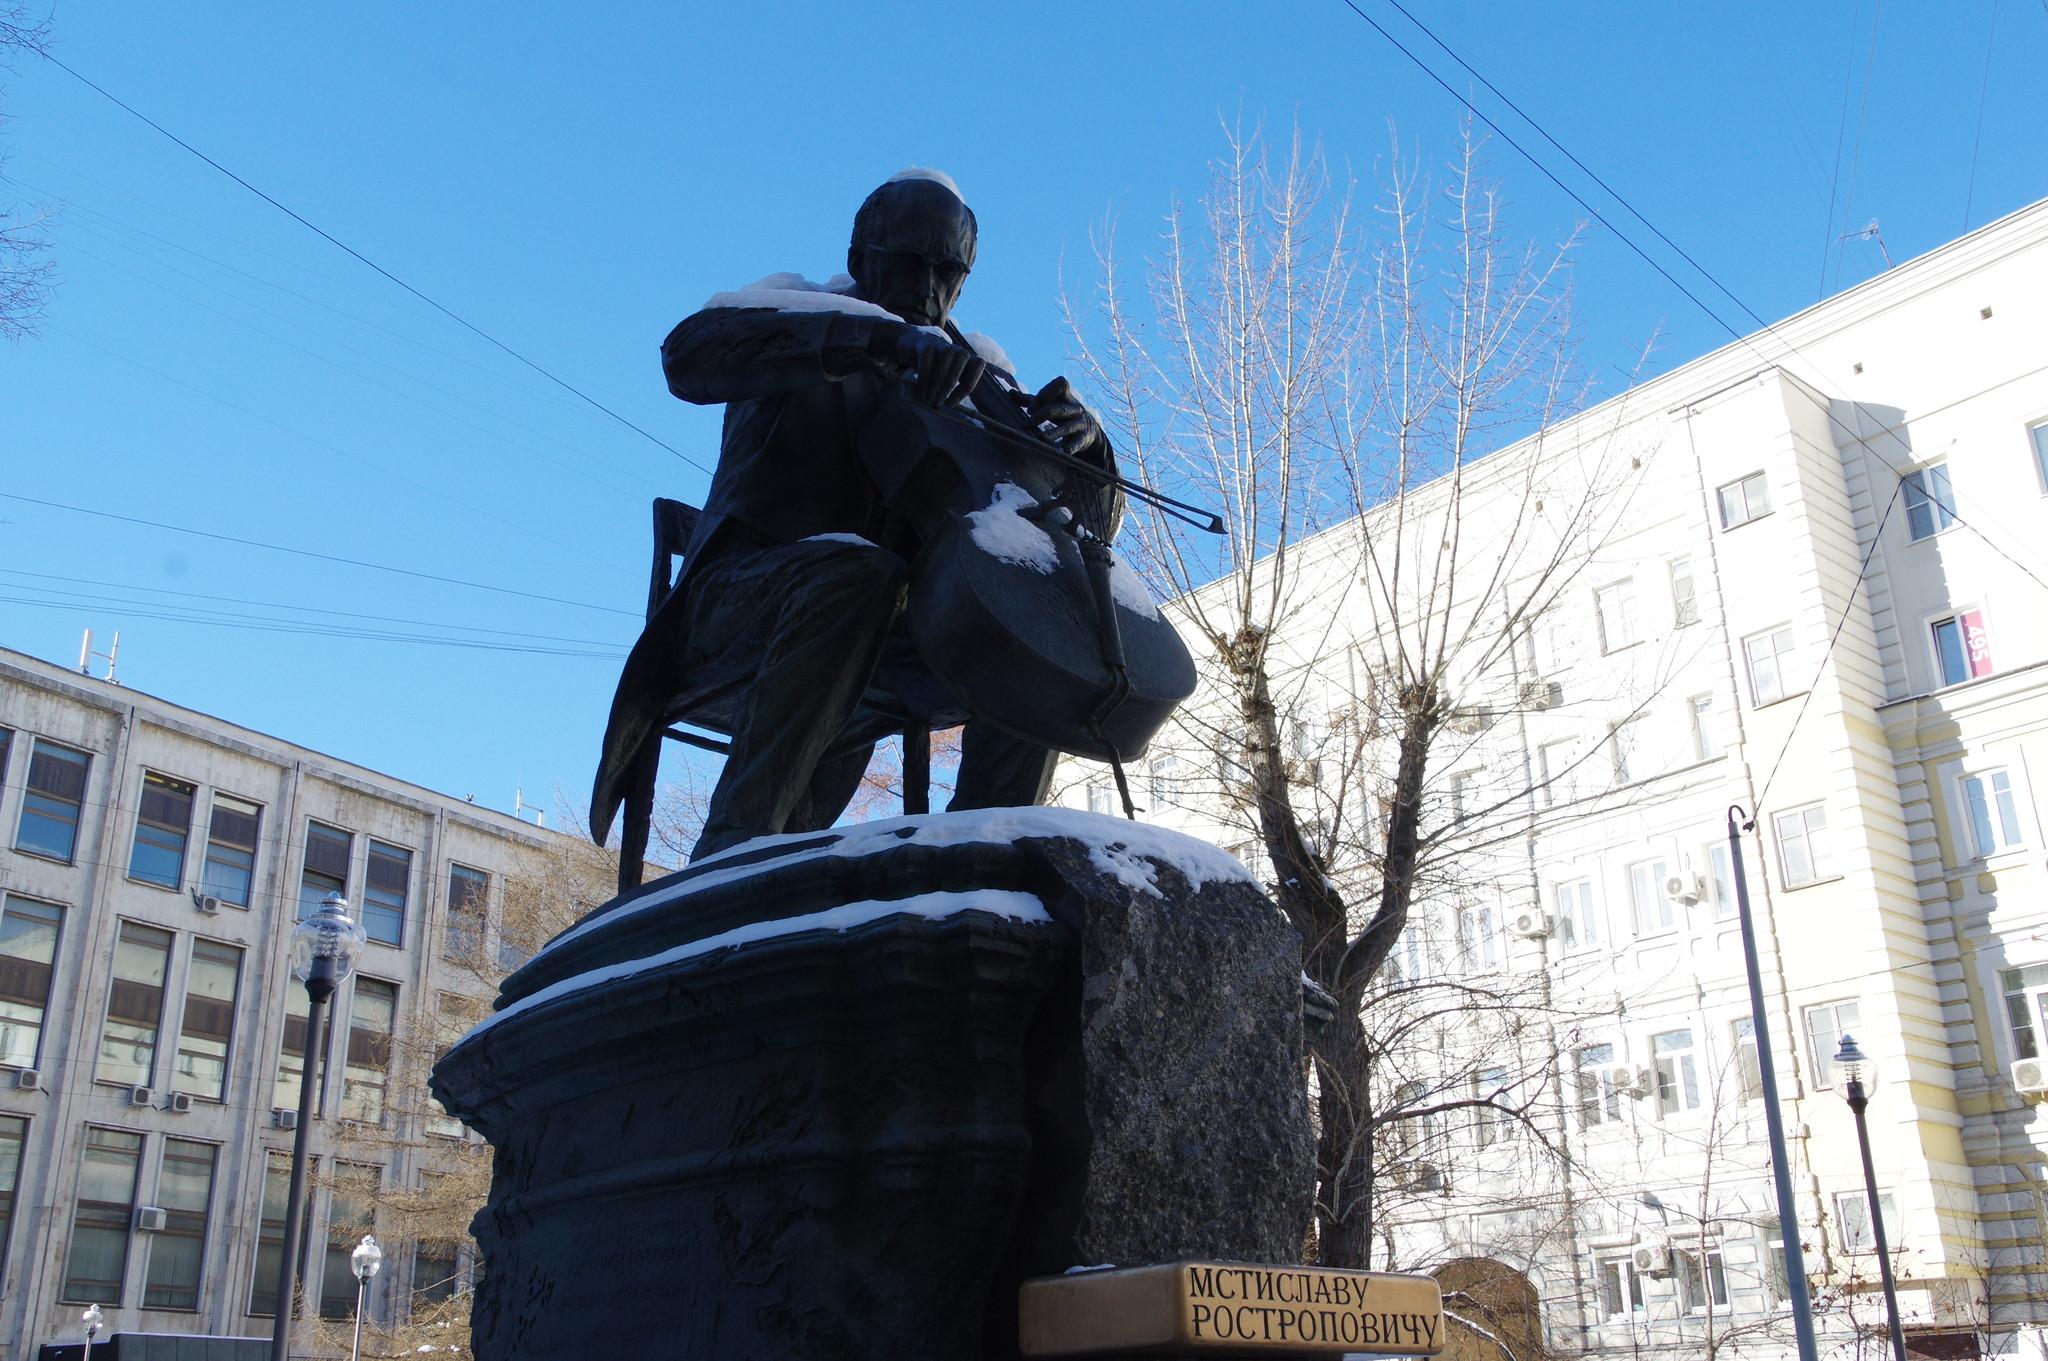 Памятник Мстиславу Леопольдовичу Ростроповичу на углу Брюсова и Елисеевского переулков в Москве